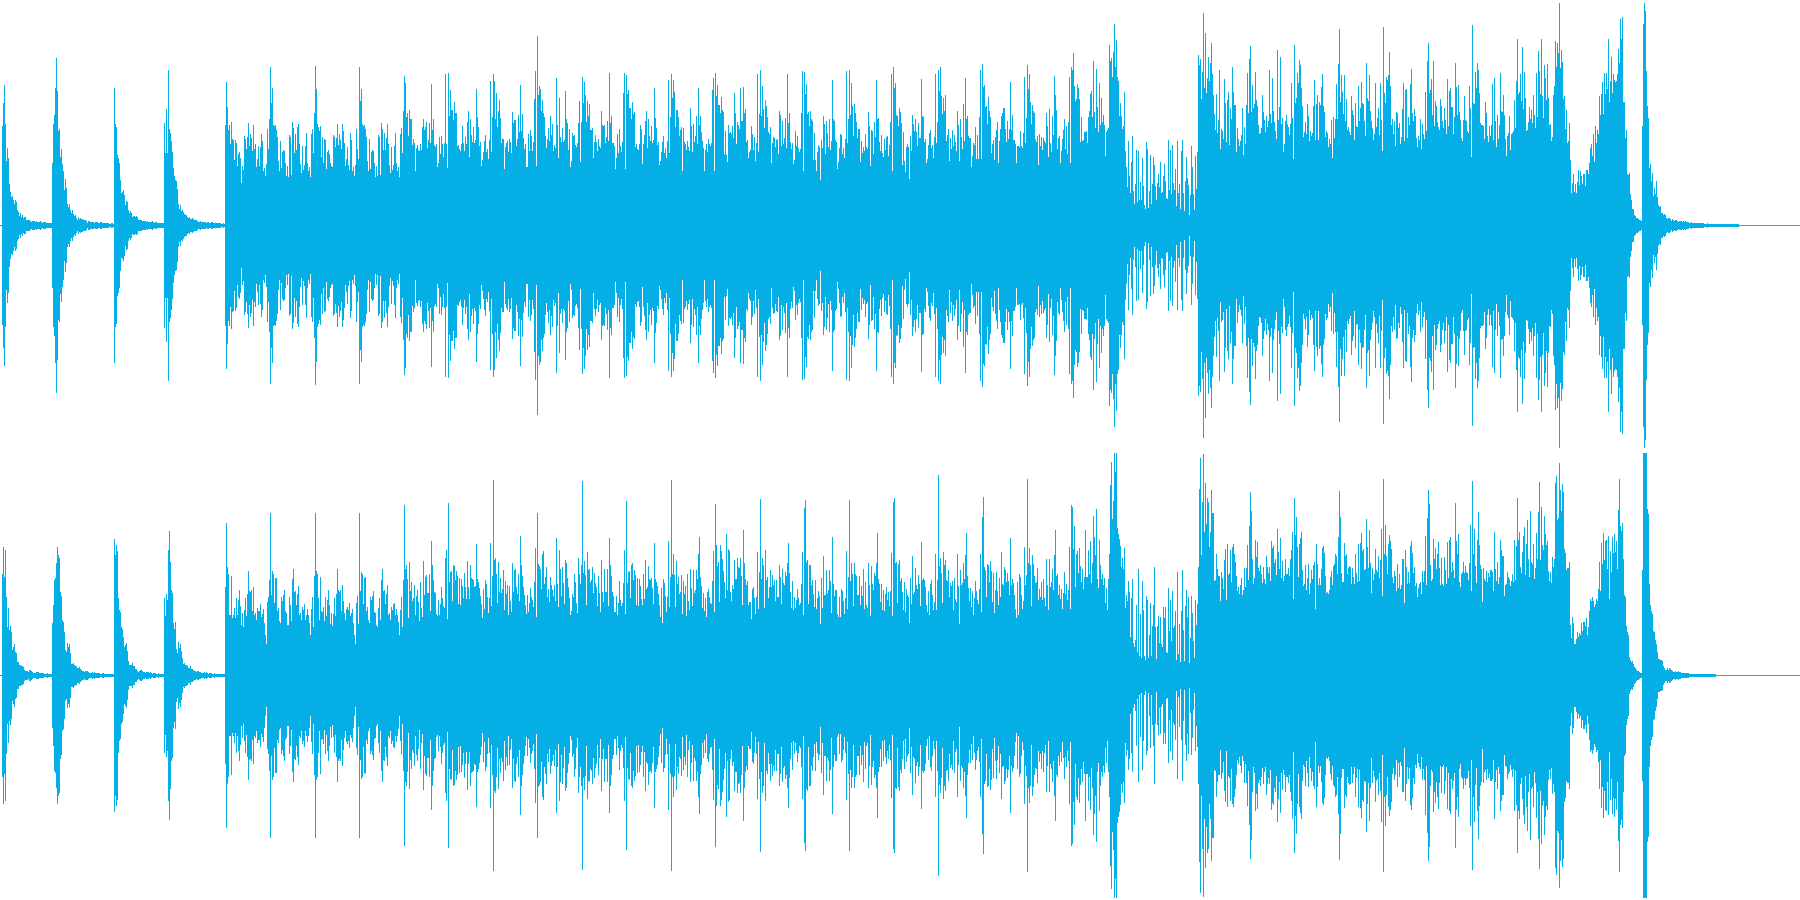 和太鼓と琴の力強い和風曲の再生済みの波形